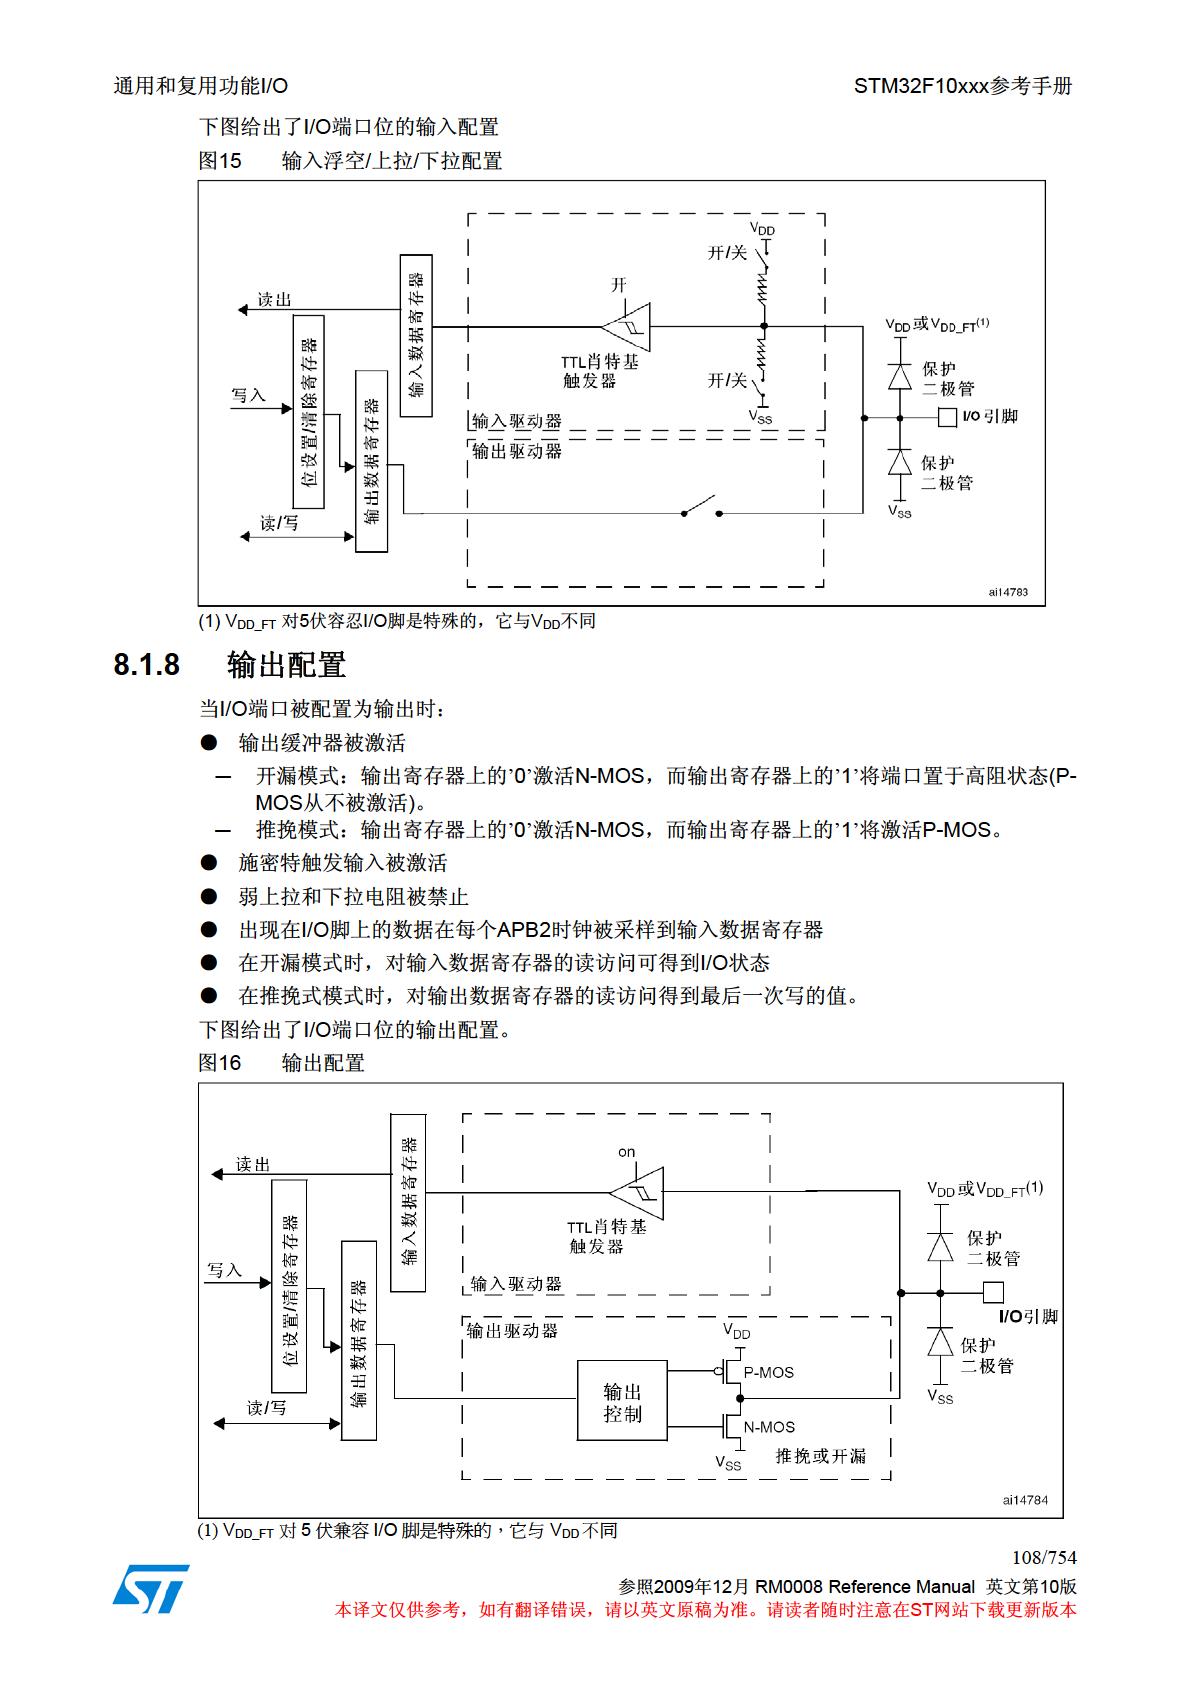 stm32f10x微控制器参考手册 v10